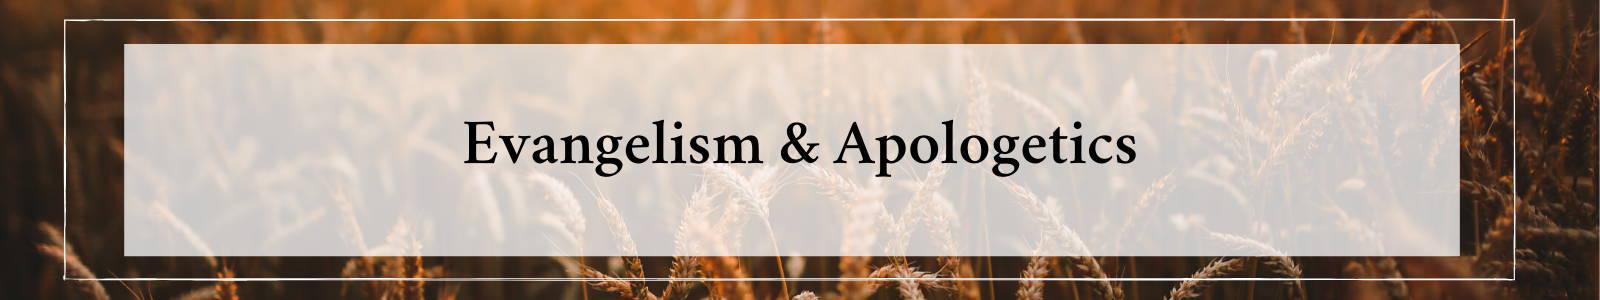 Evangelism & Apologetics